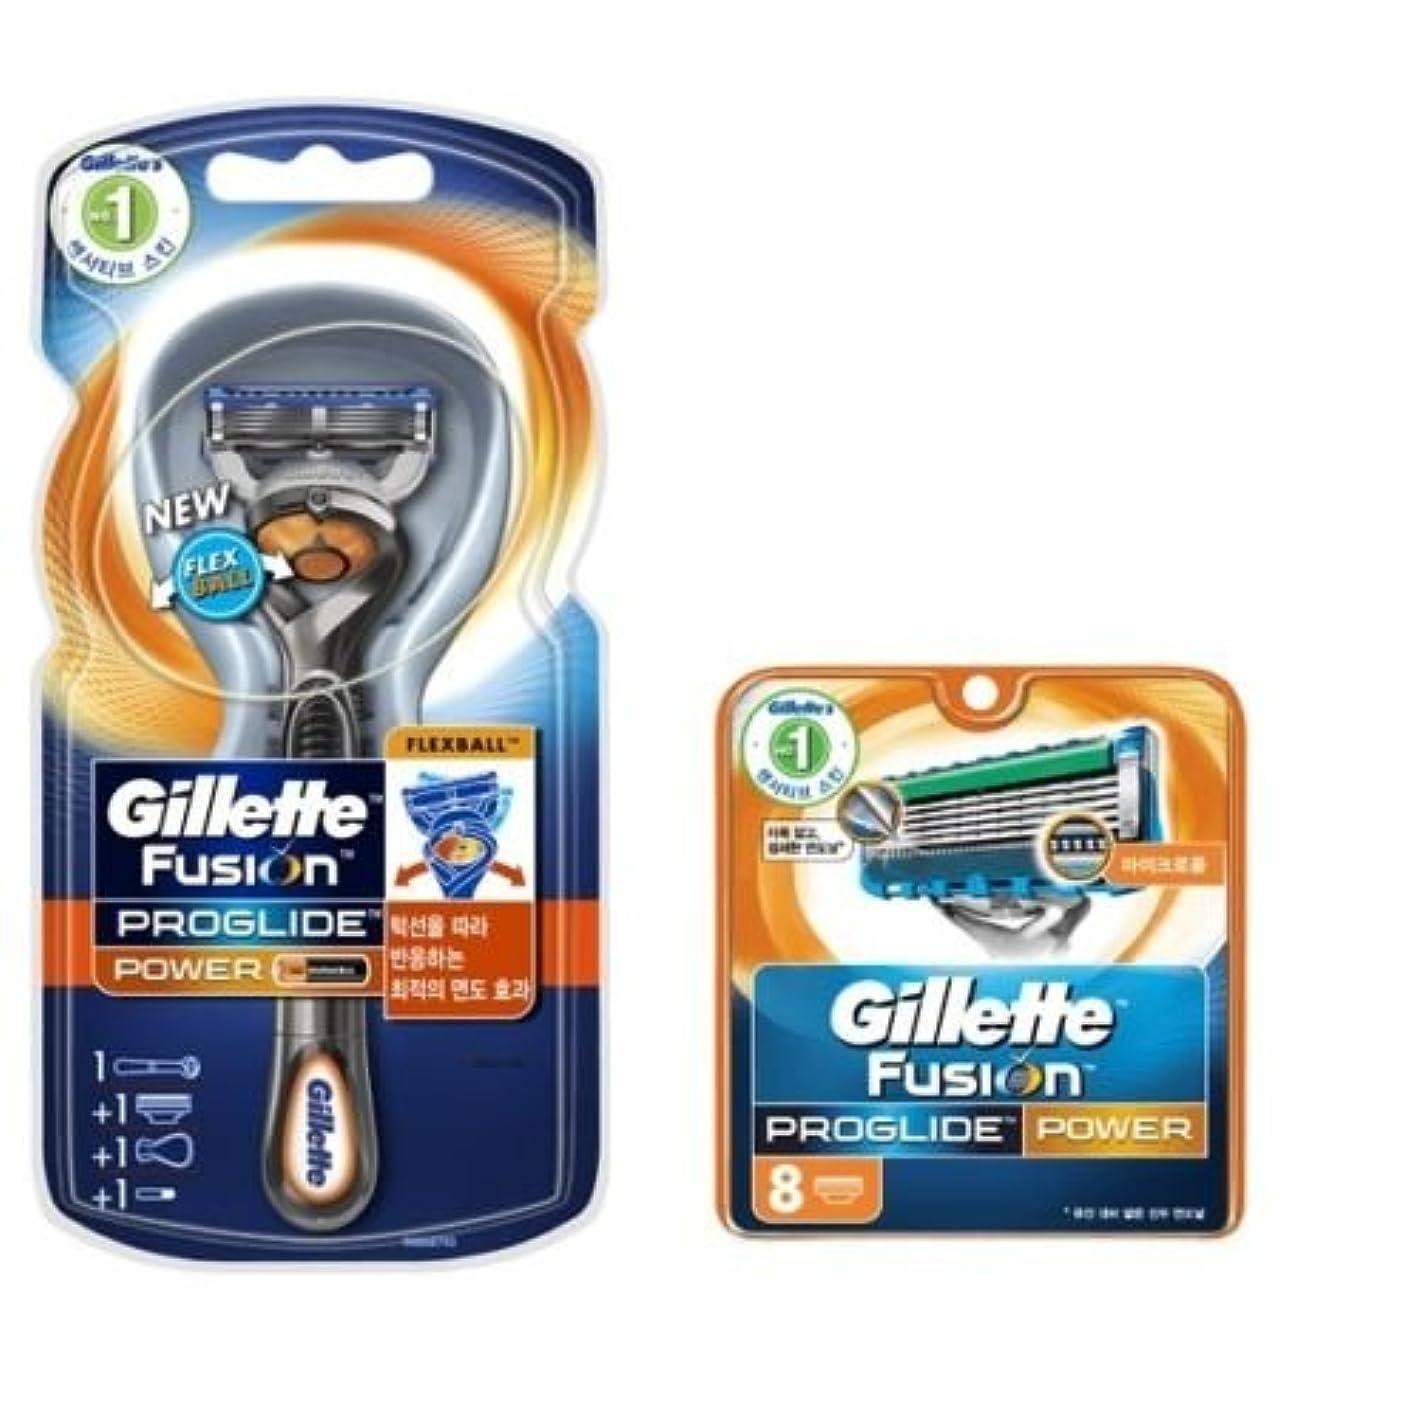 ミュウミュウラブドナウ川Gillette Fusion Proglide Flexball Power Men's 1 剃刀 9 かみそりの刃 [並行輸入品]